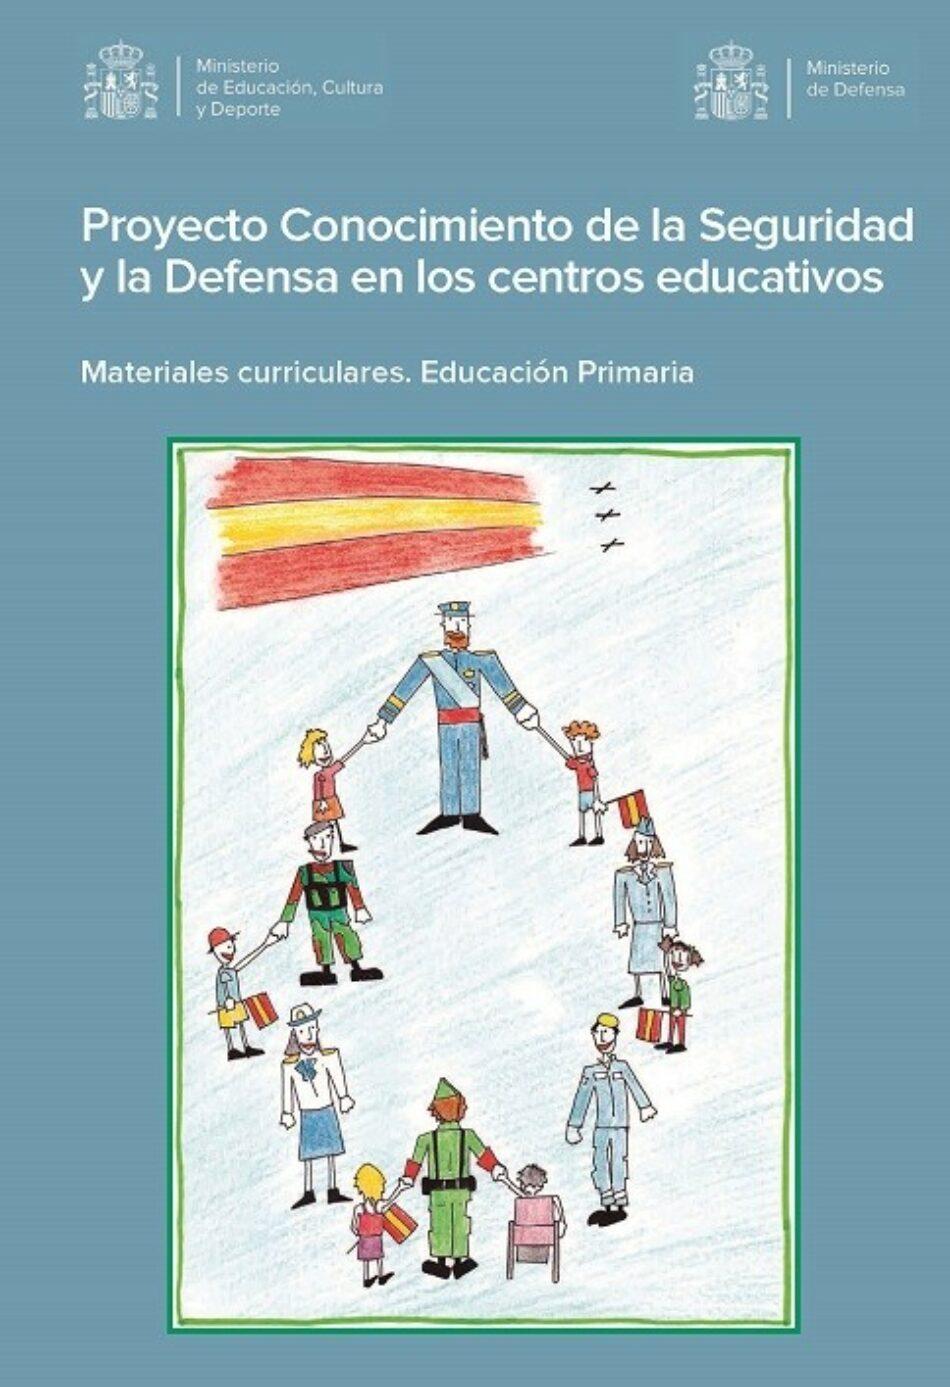 El Ministerio de Educación pretende introducir la instrucción militar en los centros educativos